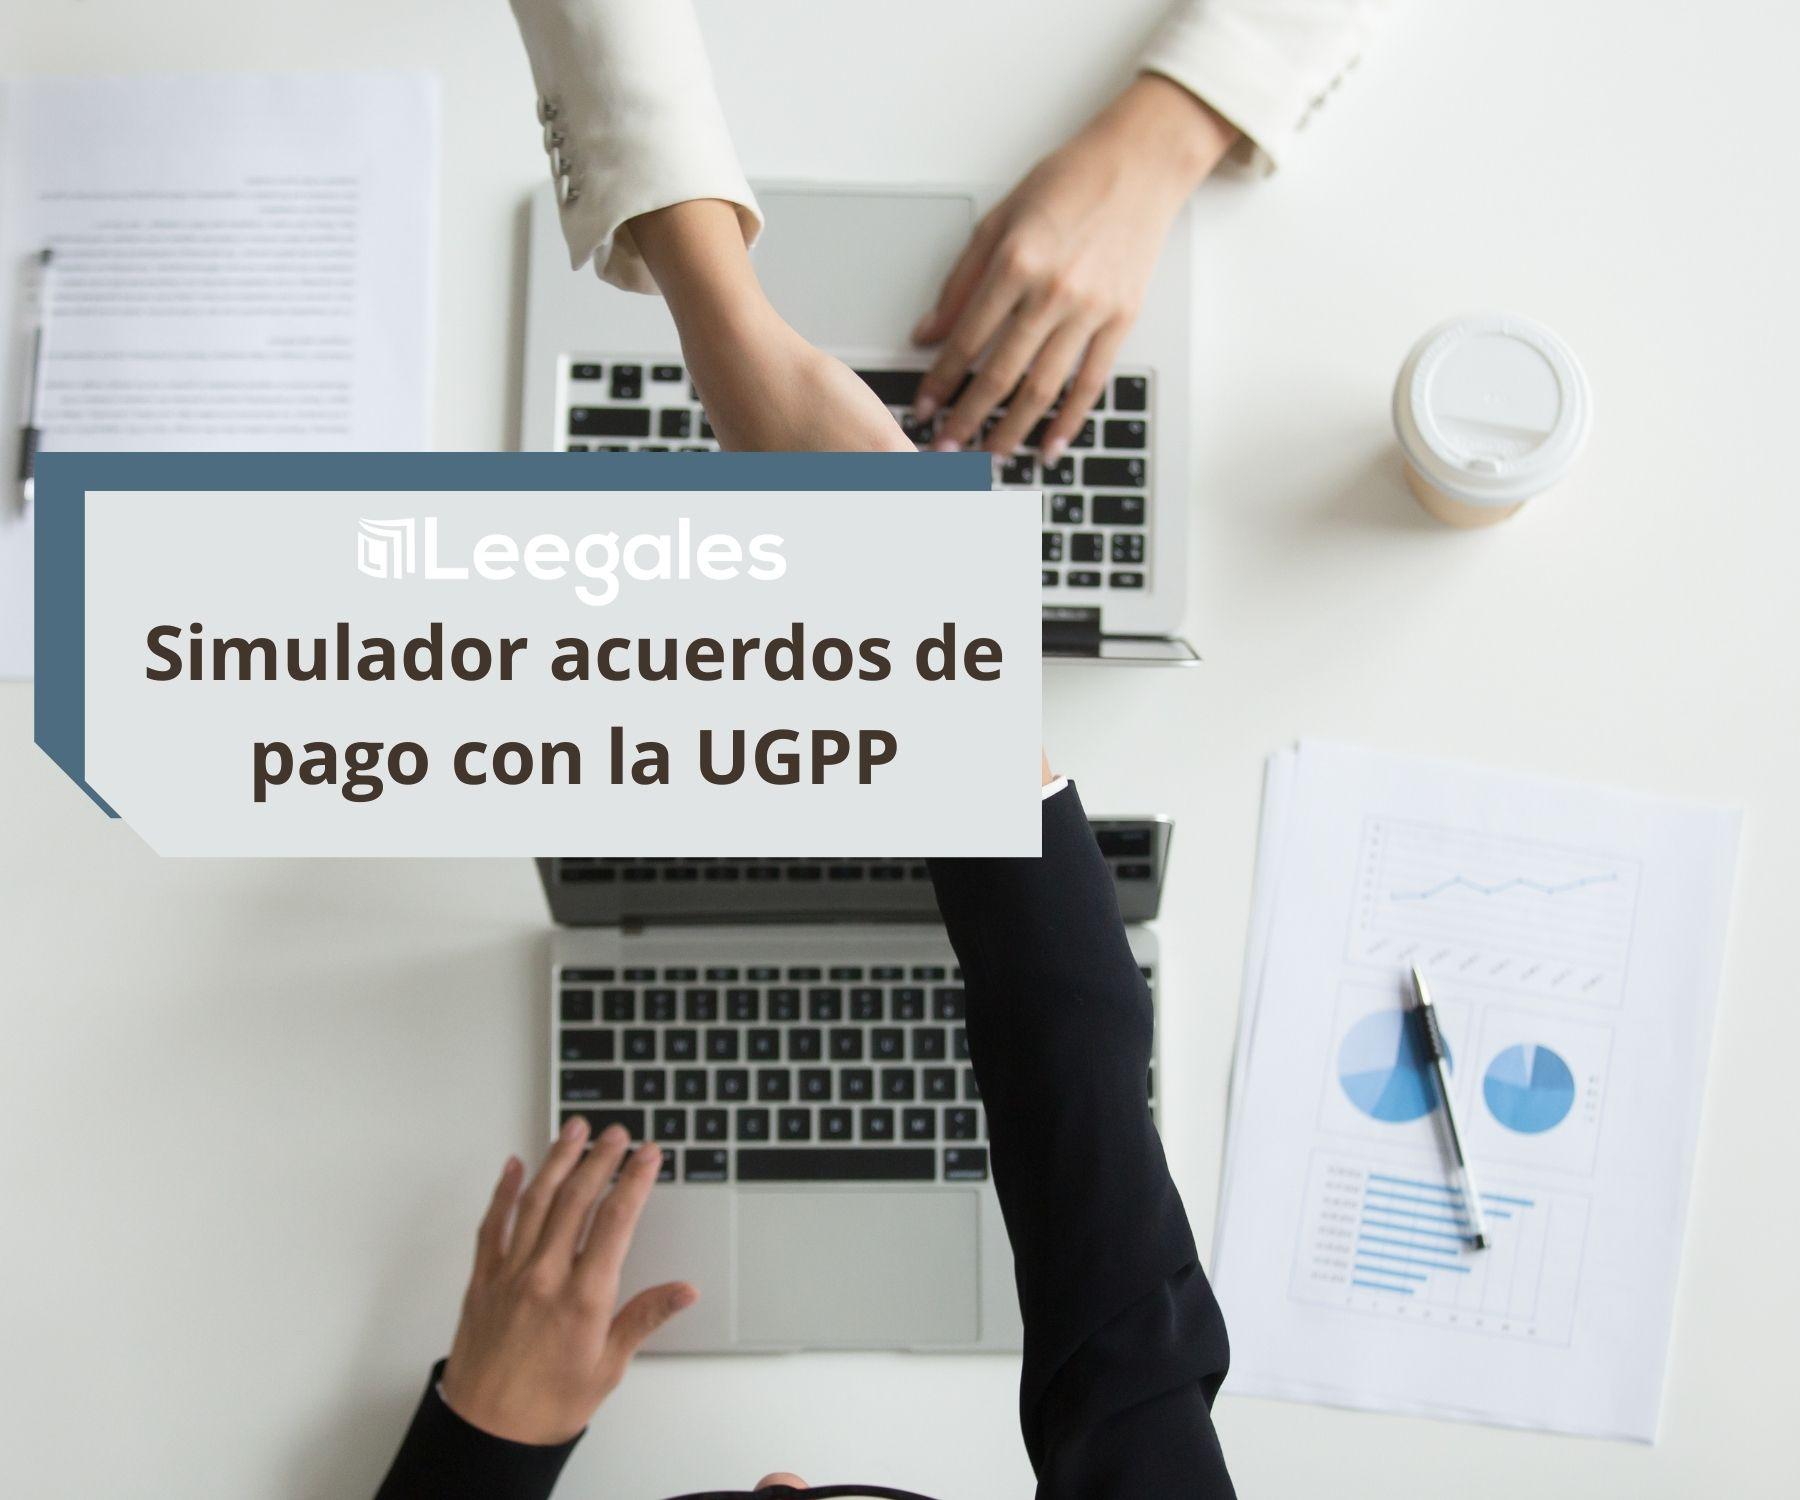 acuerdos de pago de la ugpp